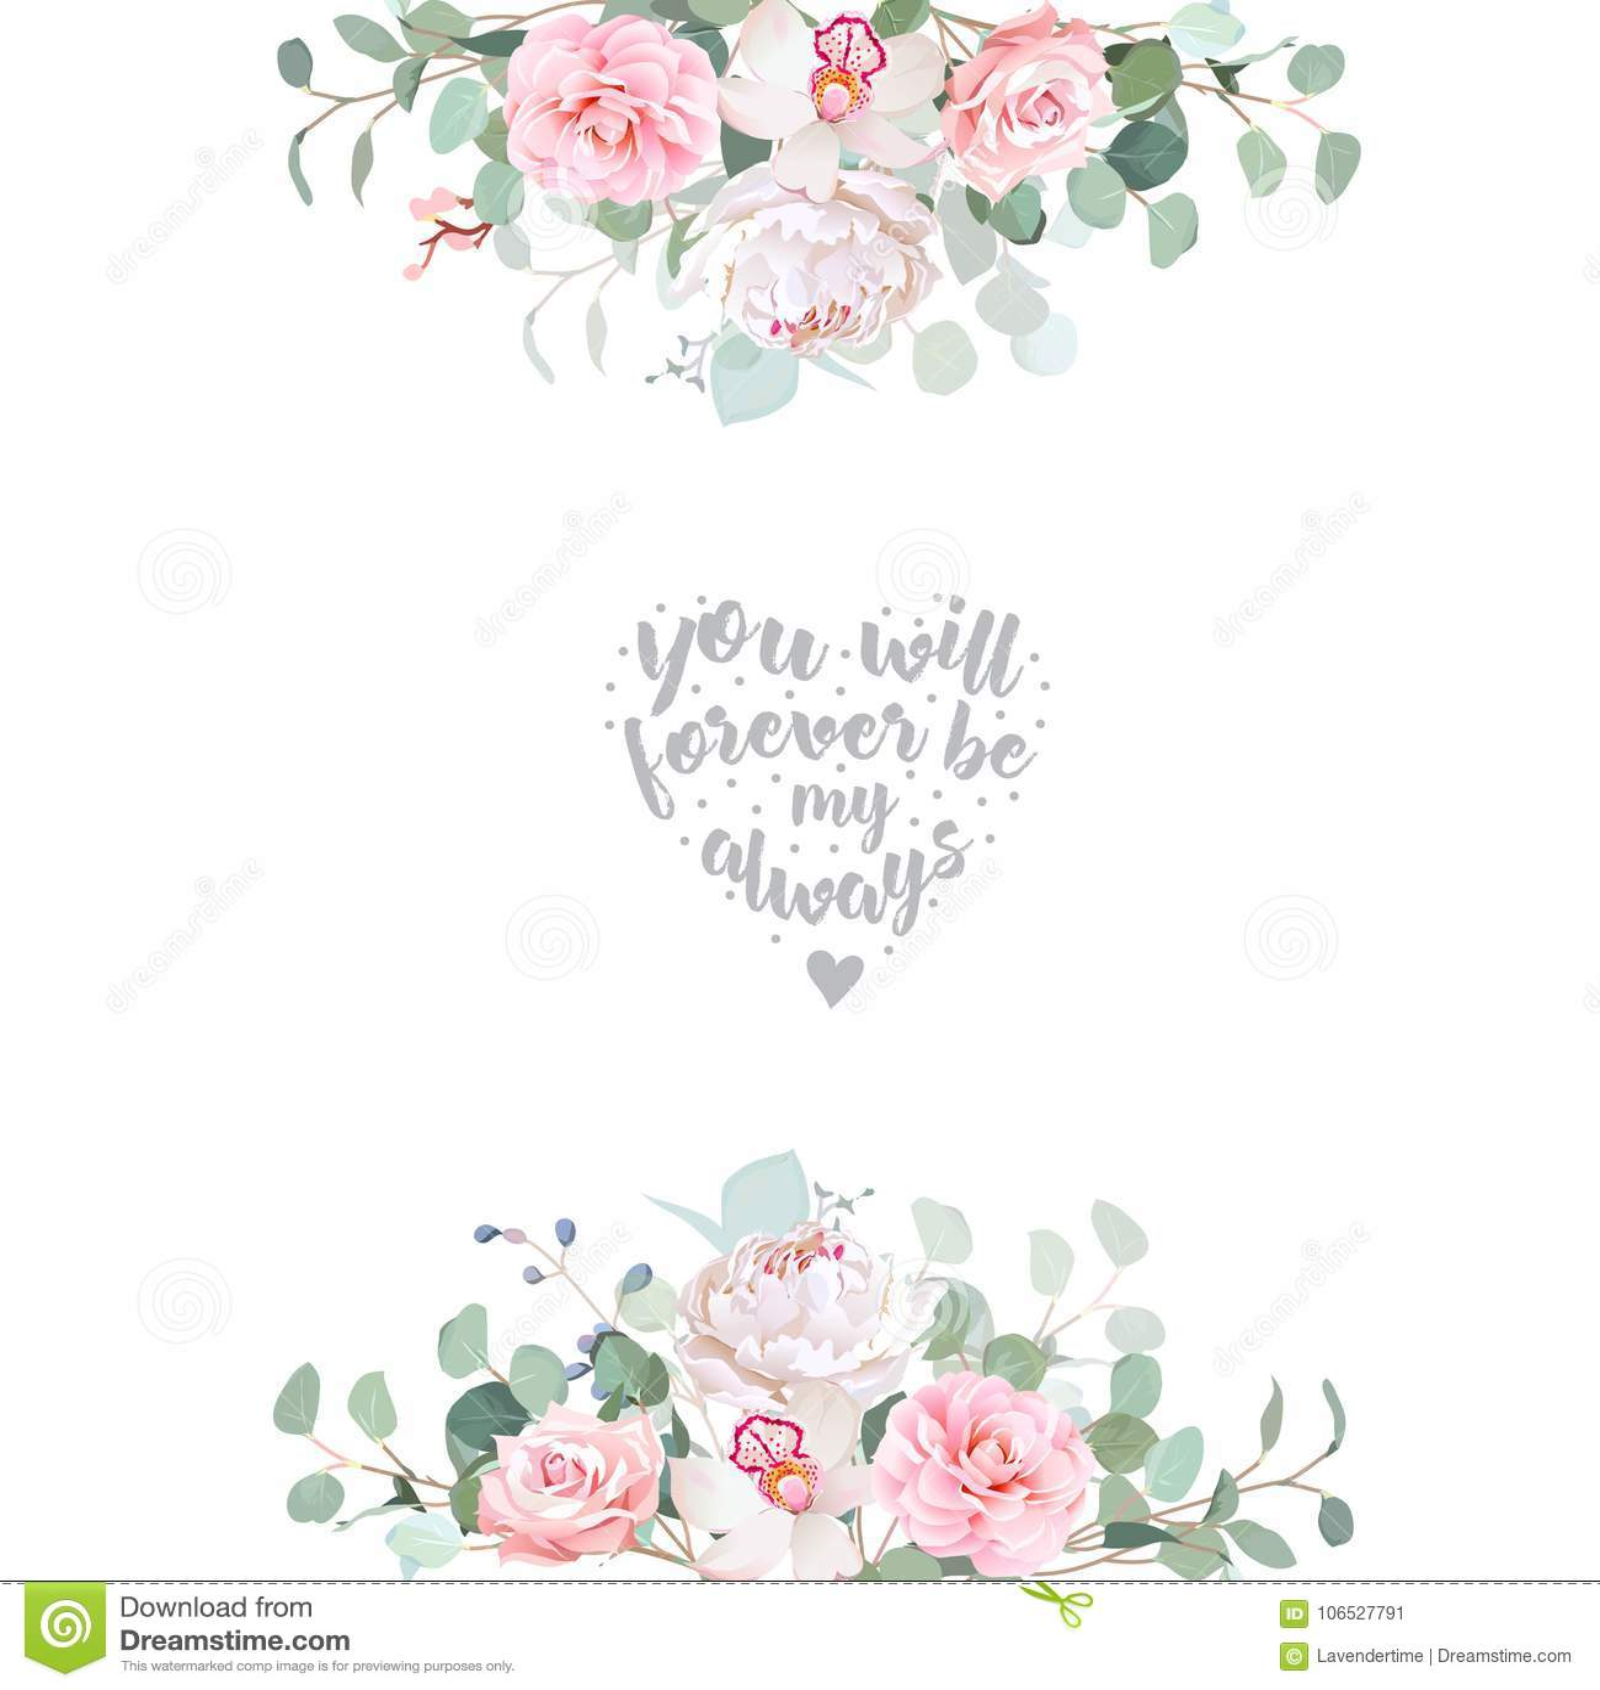 Vektor Designrahmen Der Netten Hochzeit Blumen Vektor Abbildung